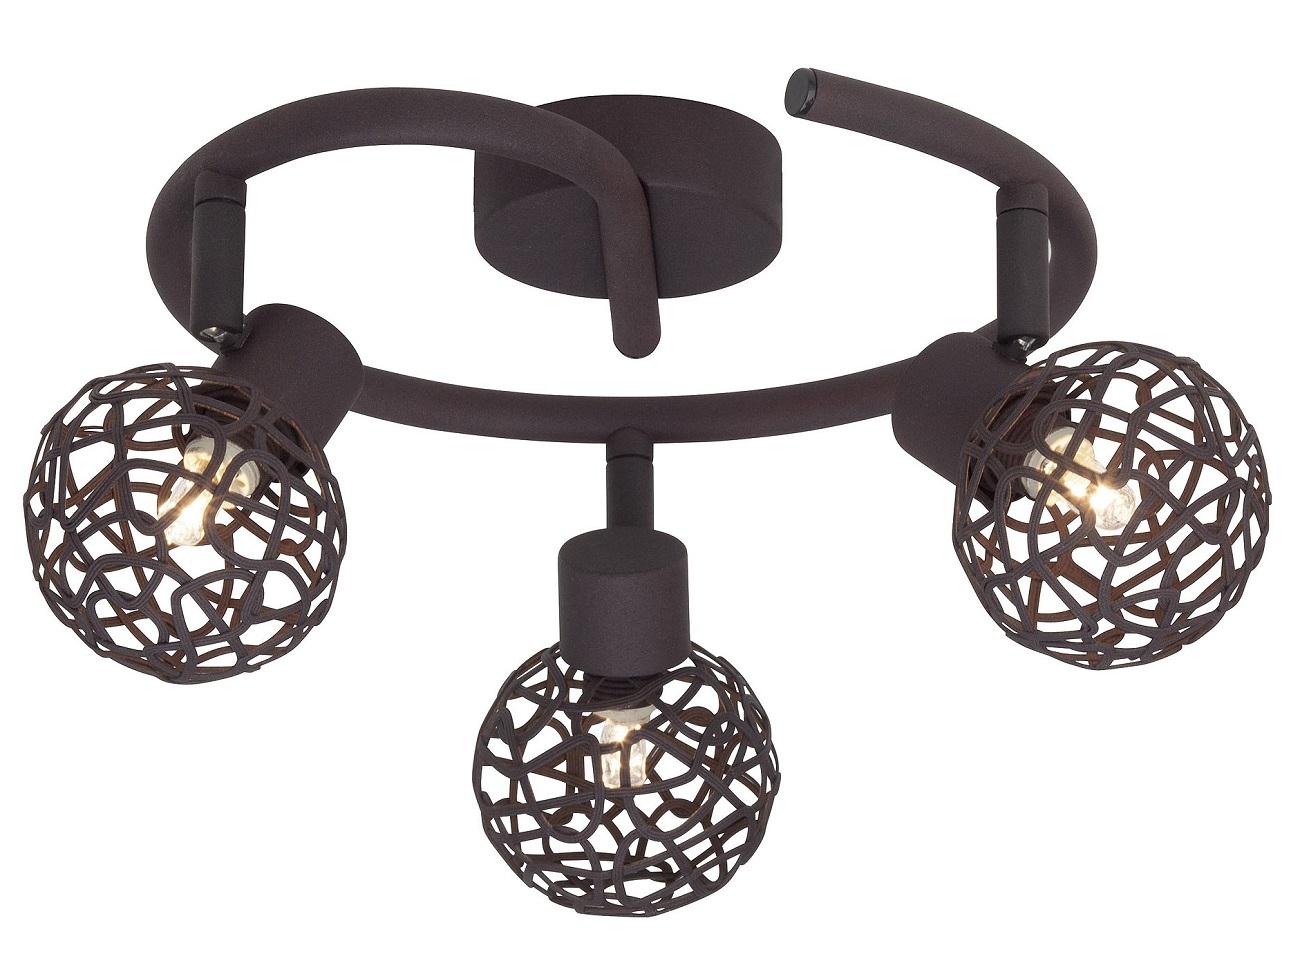 Plafondlamp Linda 3xG9 max 33W in bruin | Brilliant